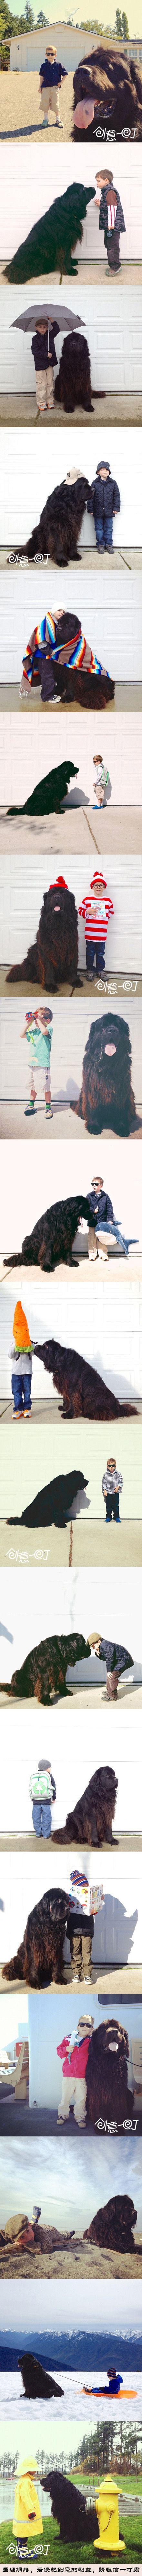 小男孩儿Julian和巨型犬Max